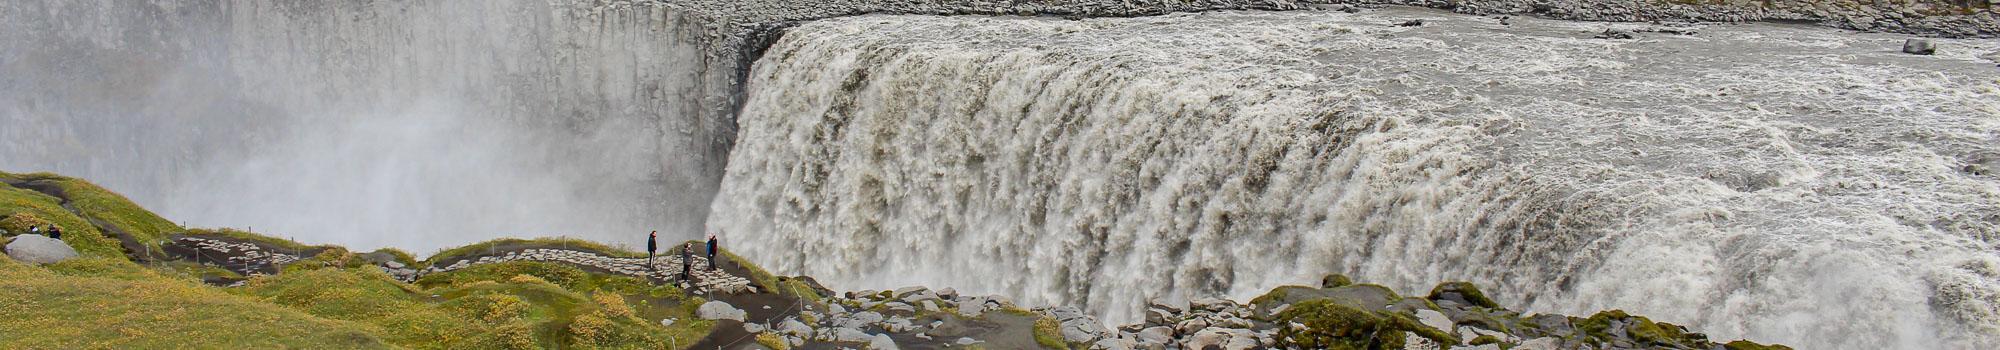 Dettifoss waterfall panoramic view